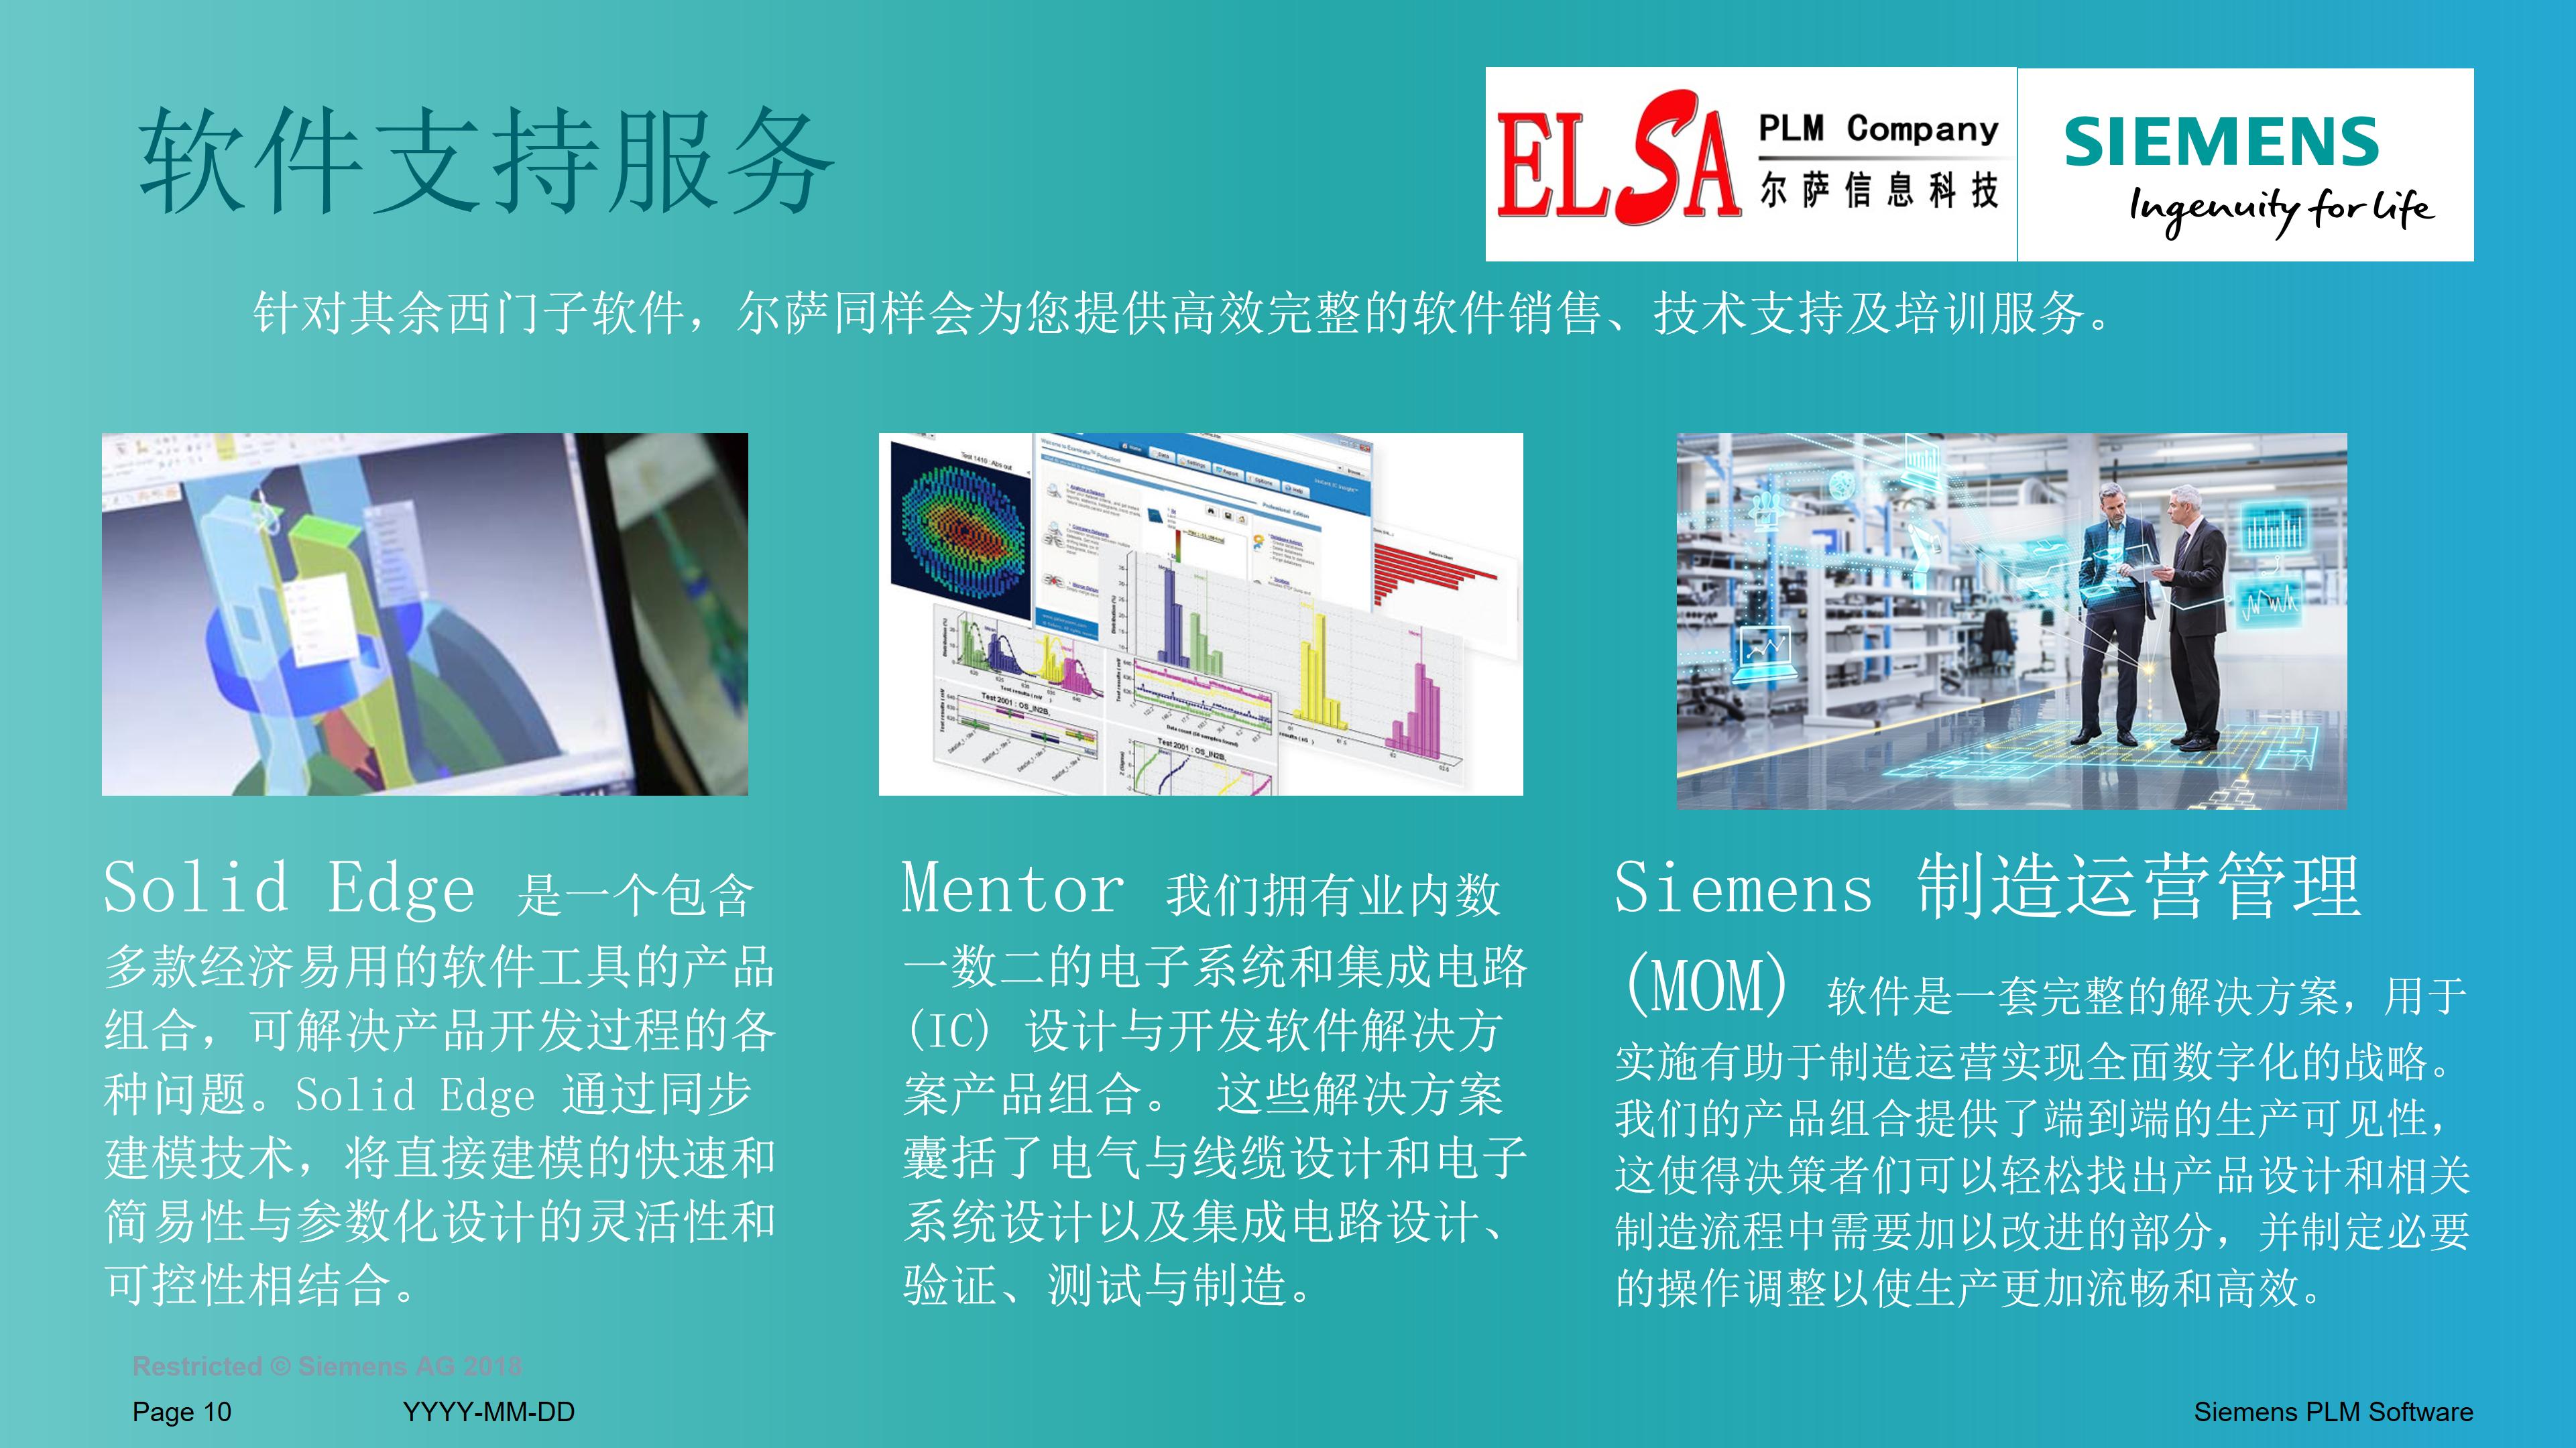 上海尔萨信息科技有限公司-技术业务介绍-上海尔萨信息科技有限公司-技术业务介绍_10